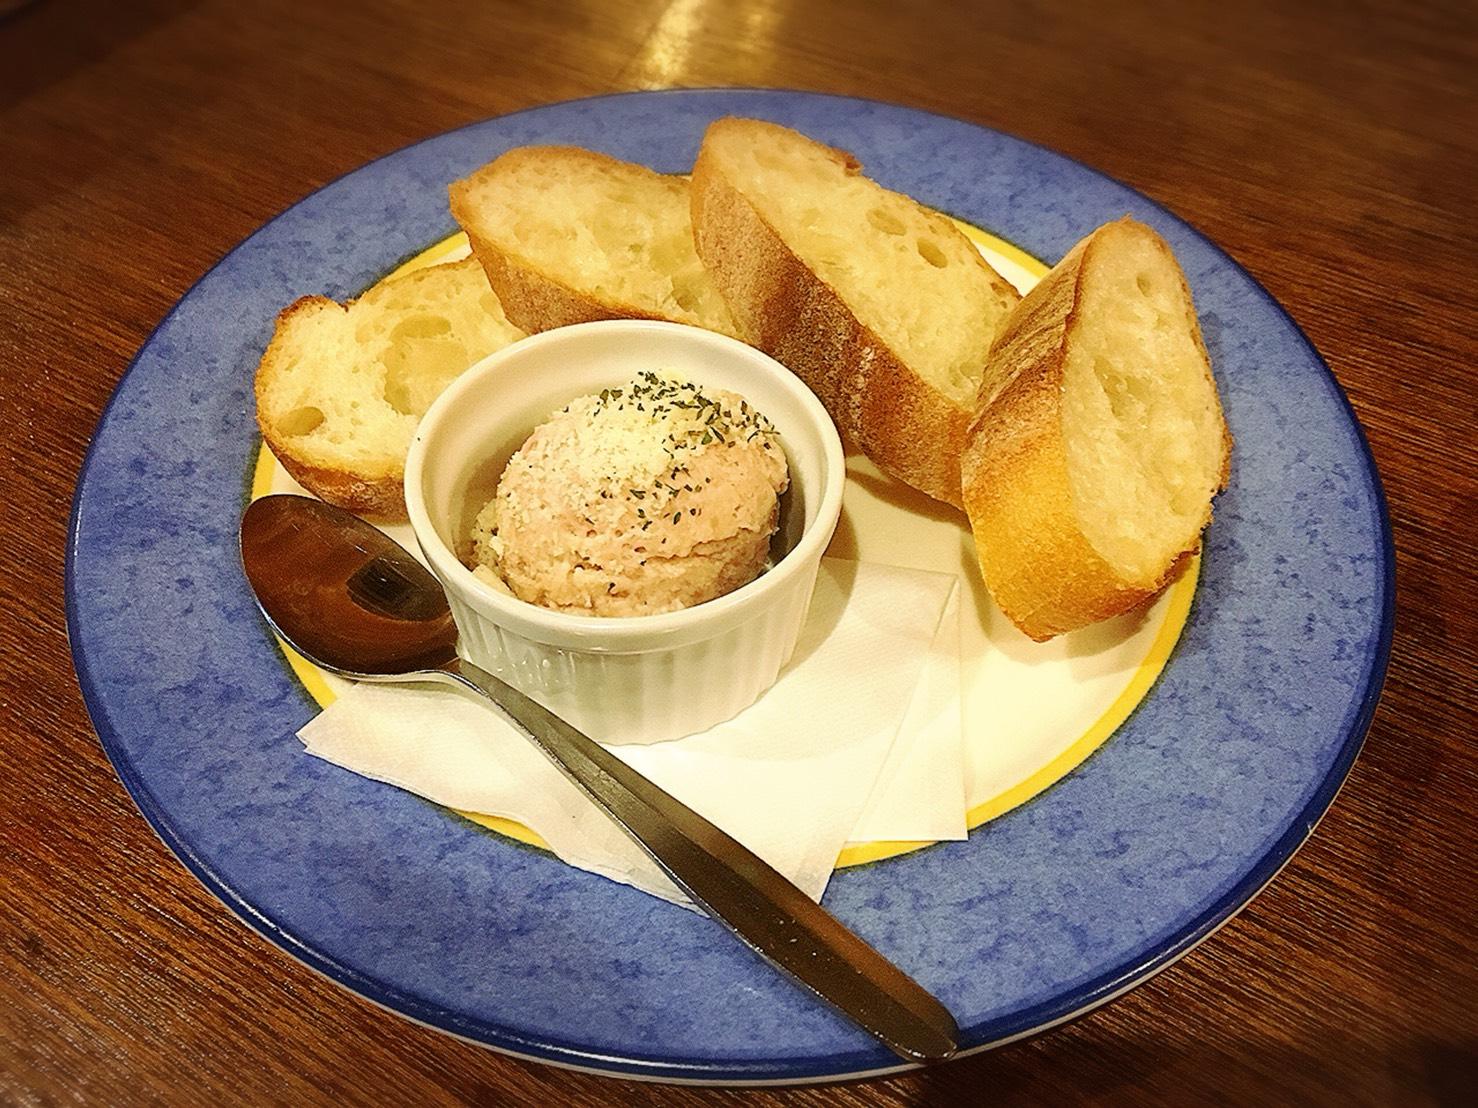 【池袋駅】おっとり系イタリアン「トラットリア・コン・アマーレ」の生ハムムースのパテ